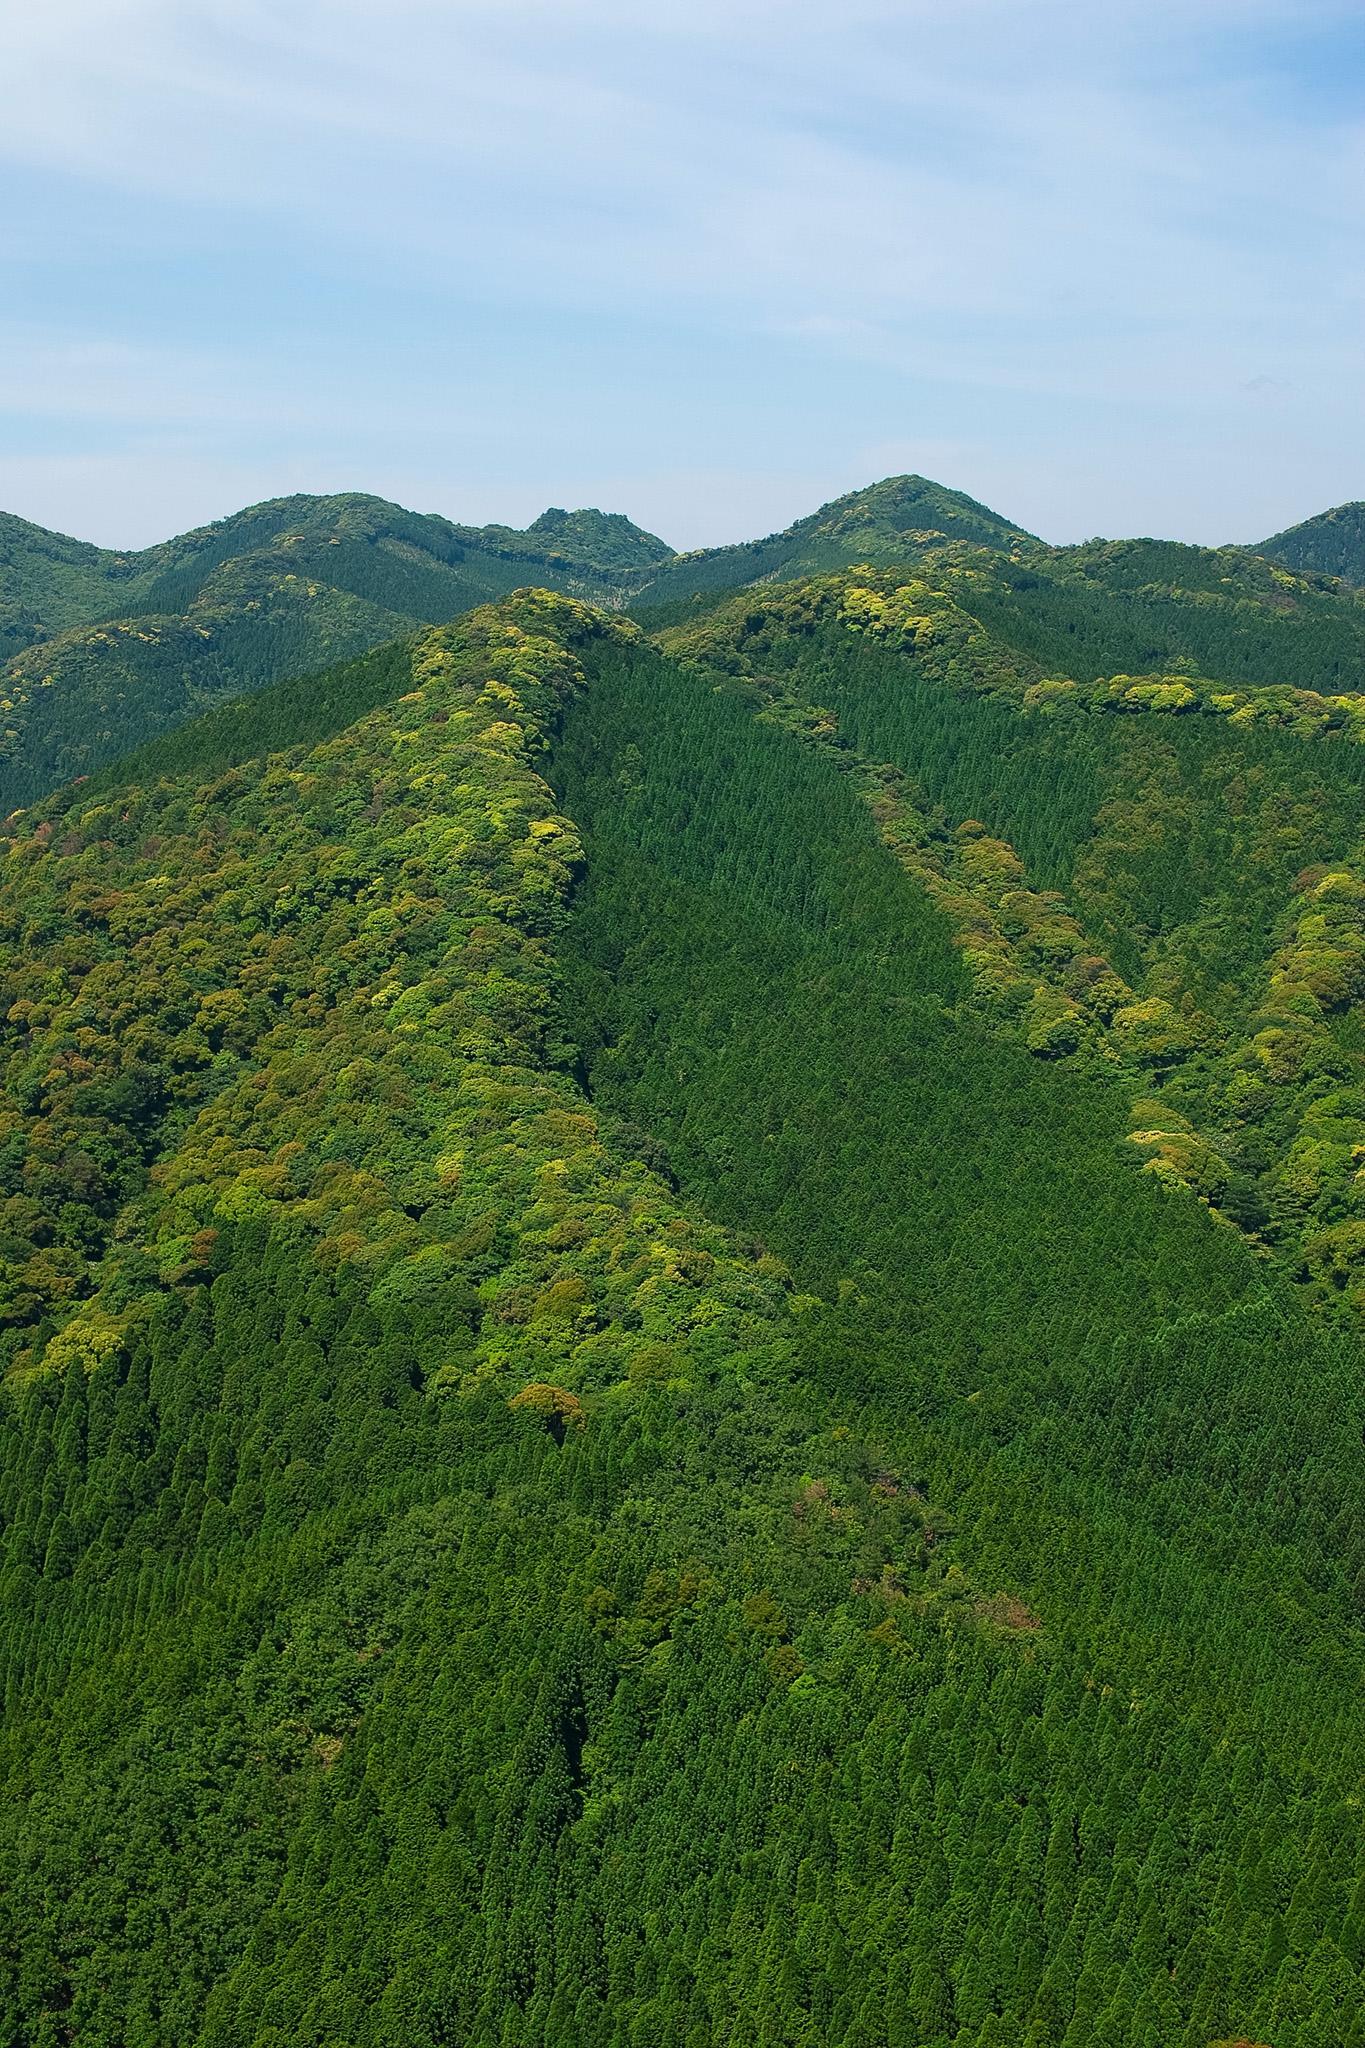 「新緑が溢れる山腹の景色」の素材を無料ダウンロード